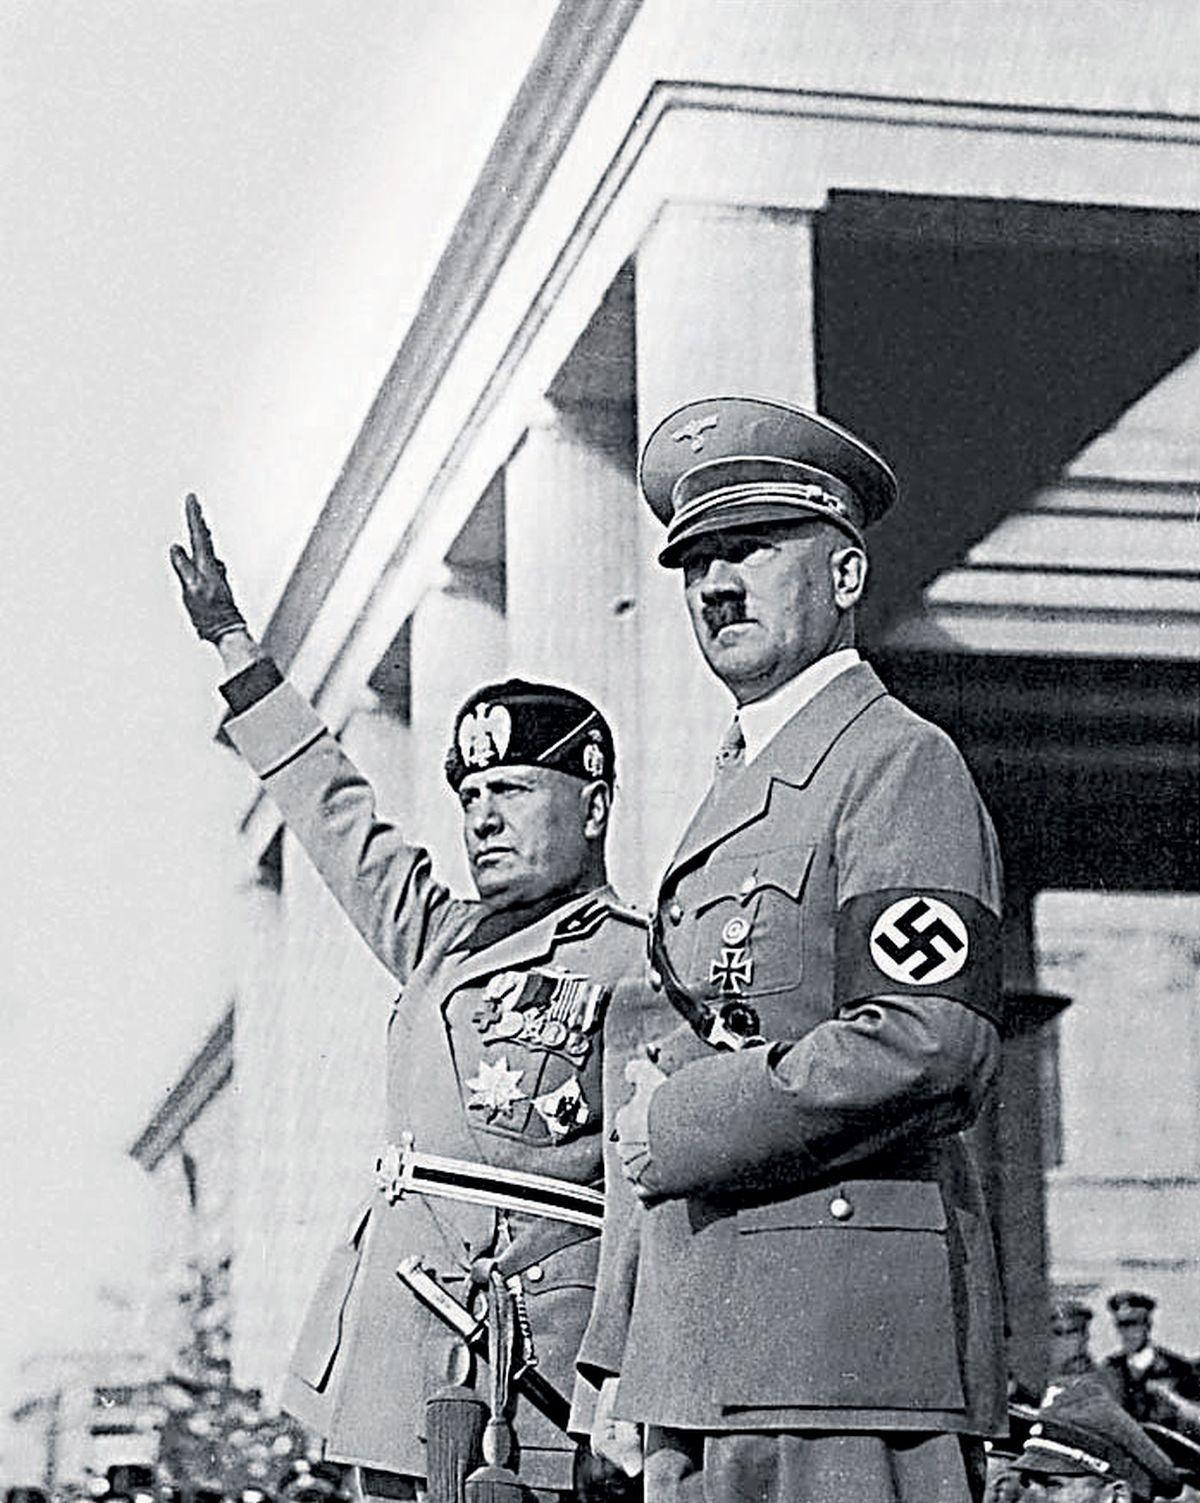 FELJTON Tko je kriv za fašizam 21. stoljeća